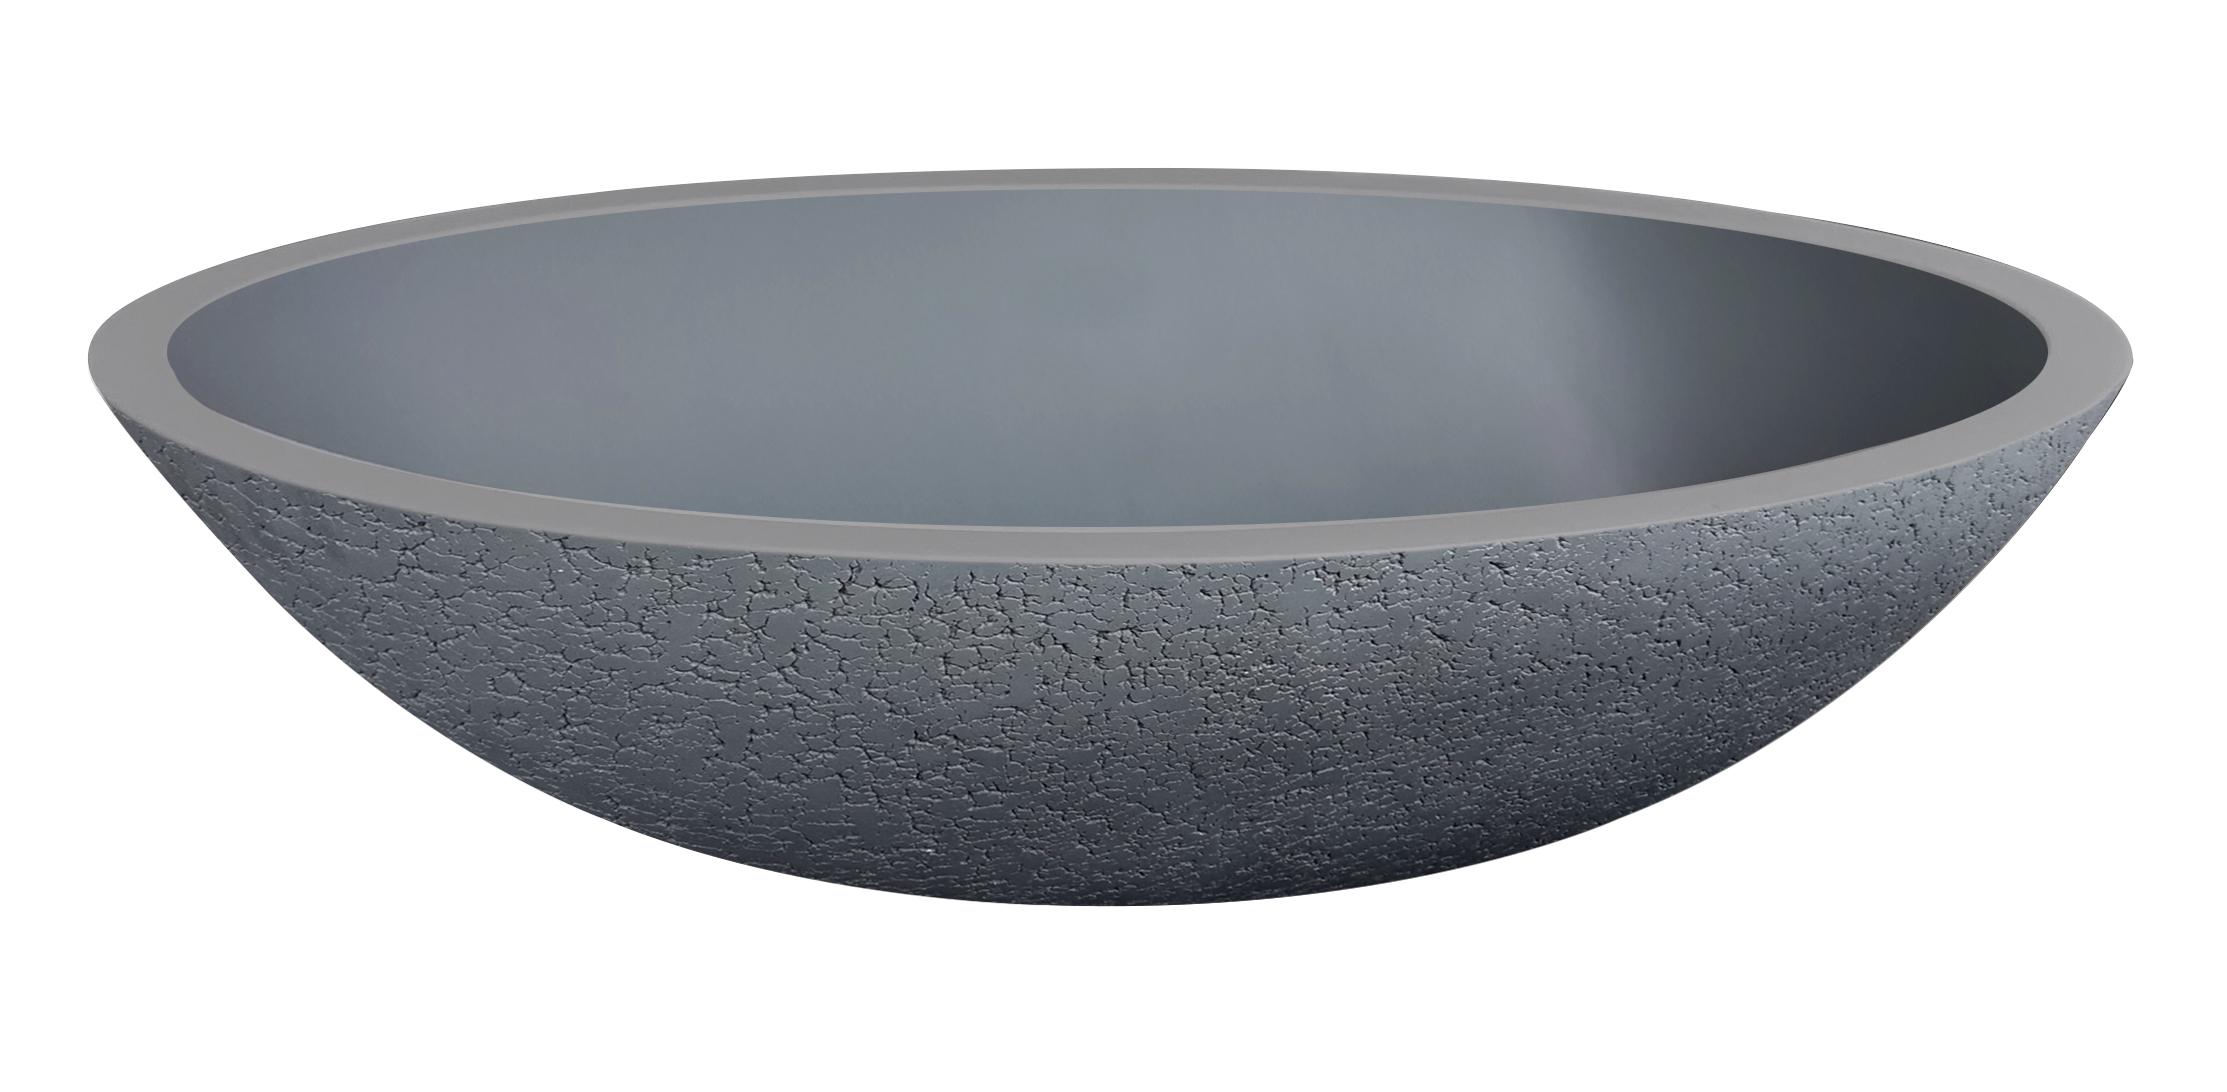 Best Design waskom solid surface grijs 52x38cm